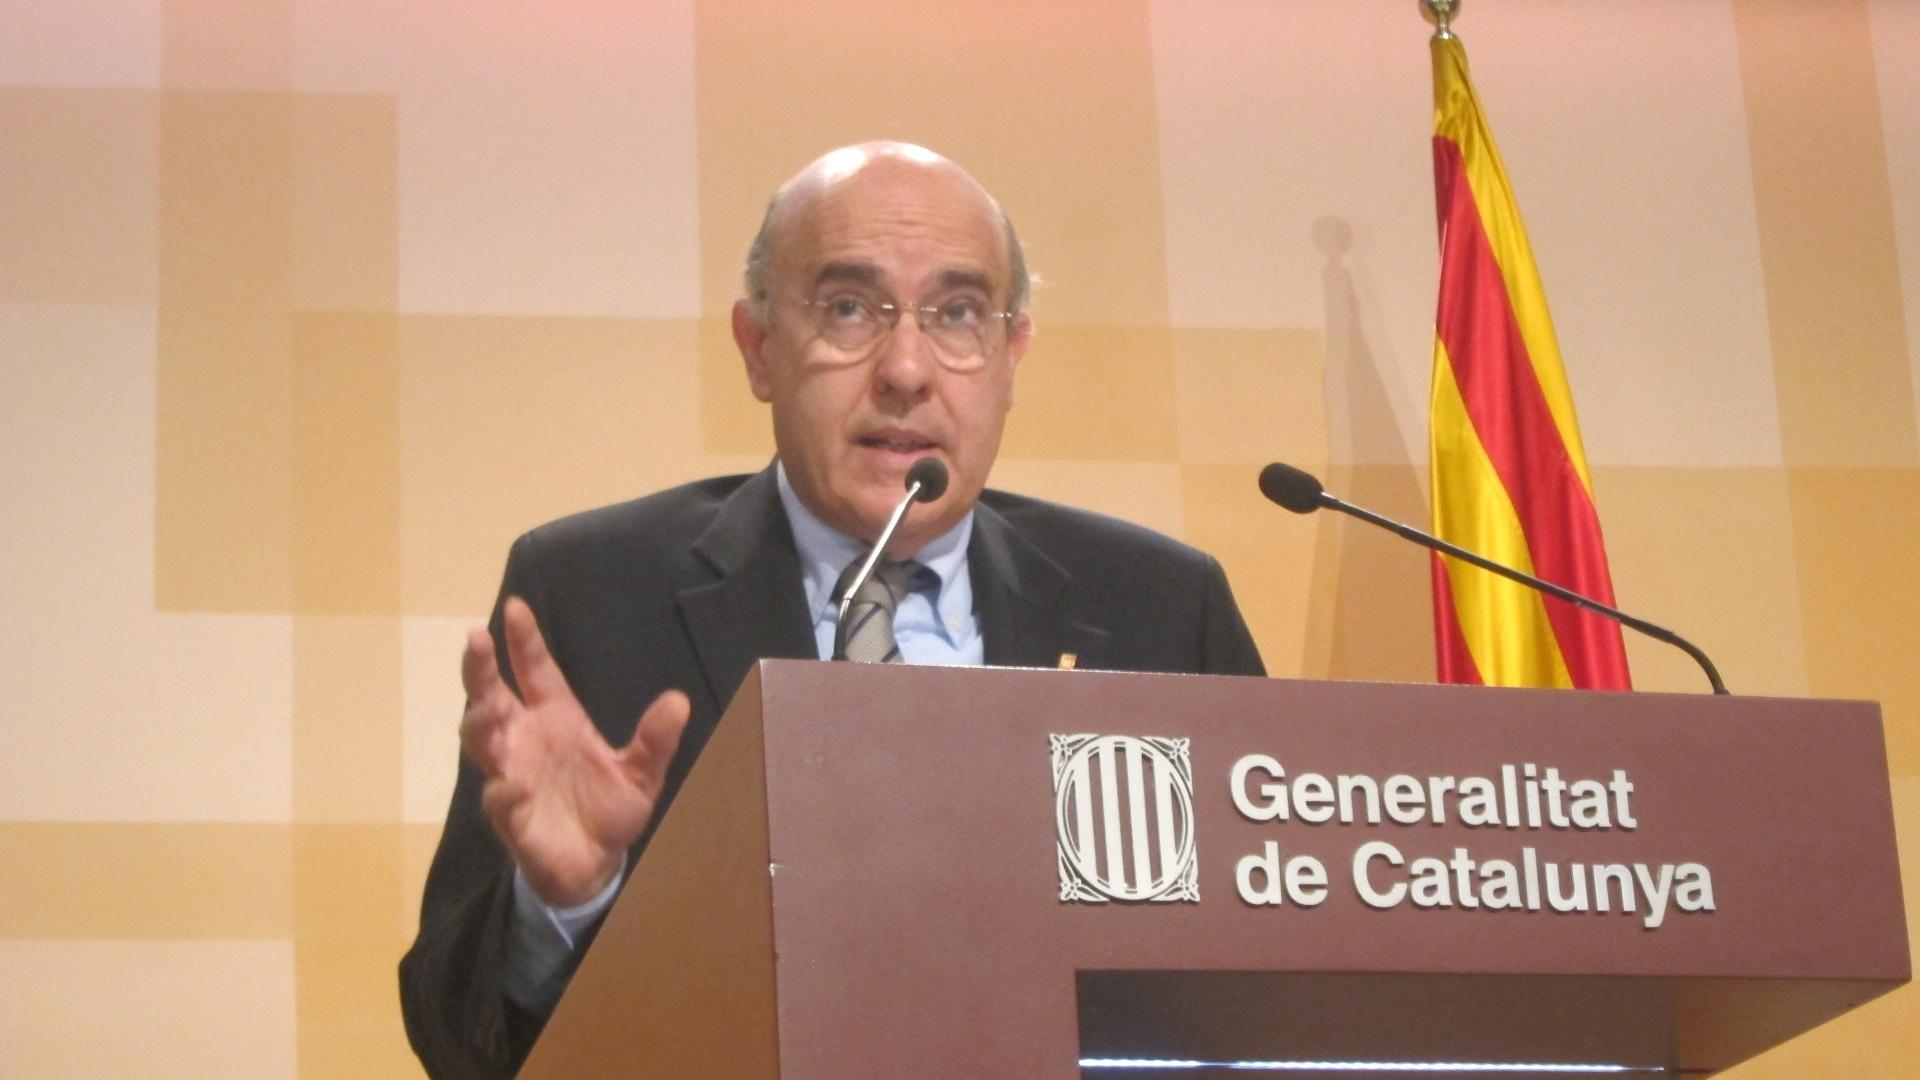 Las listas de espera crecen en Cataluña en 8.576 personas hasta junio de 2013, un 12% más